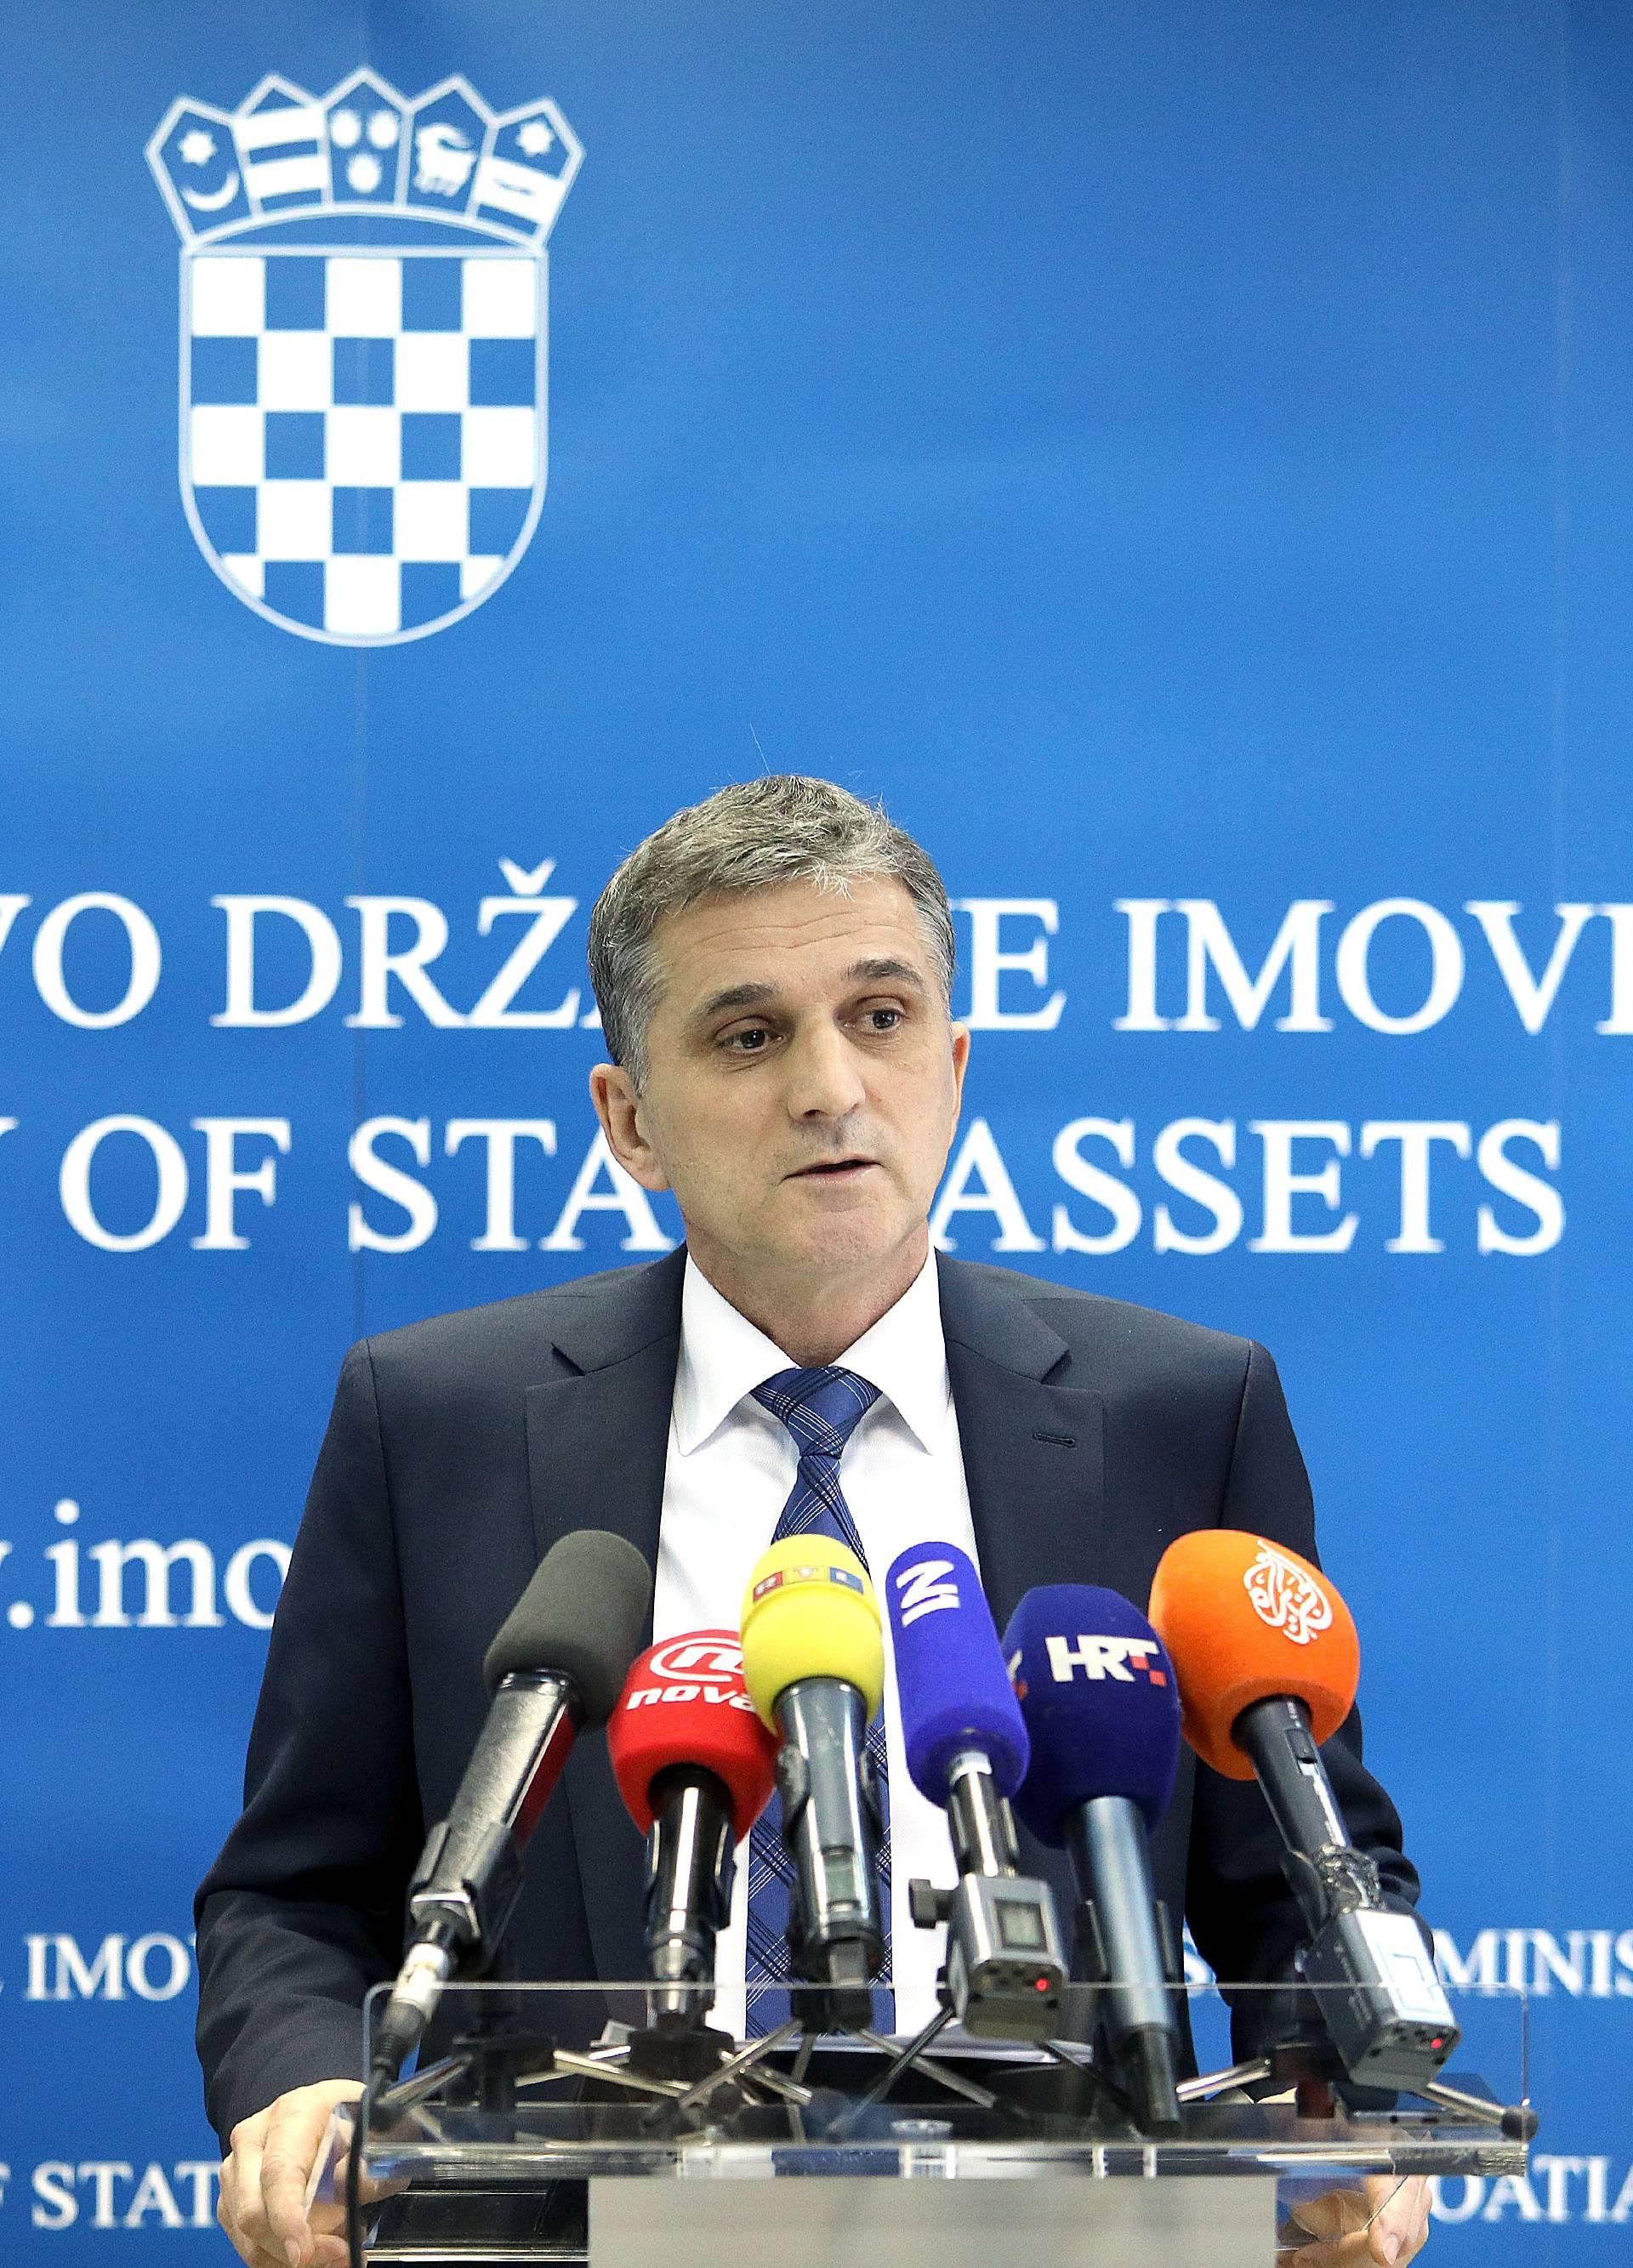 Ministarstvo državne imovine udvostručilo broj zaposlenih